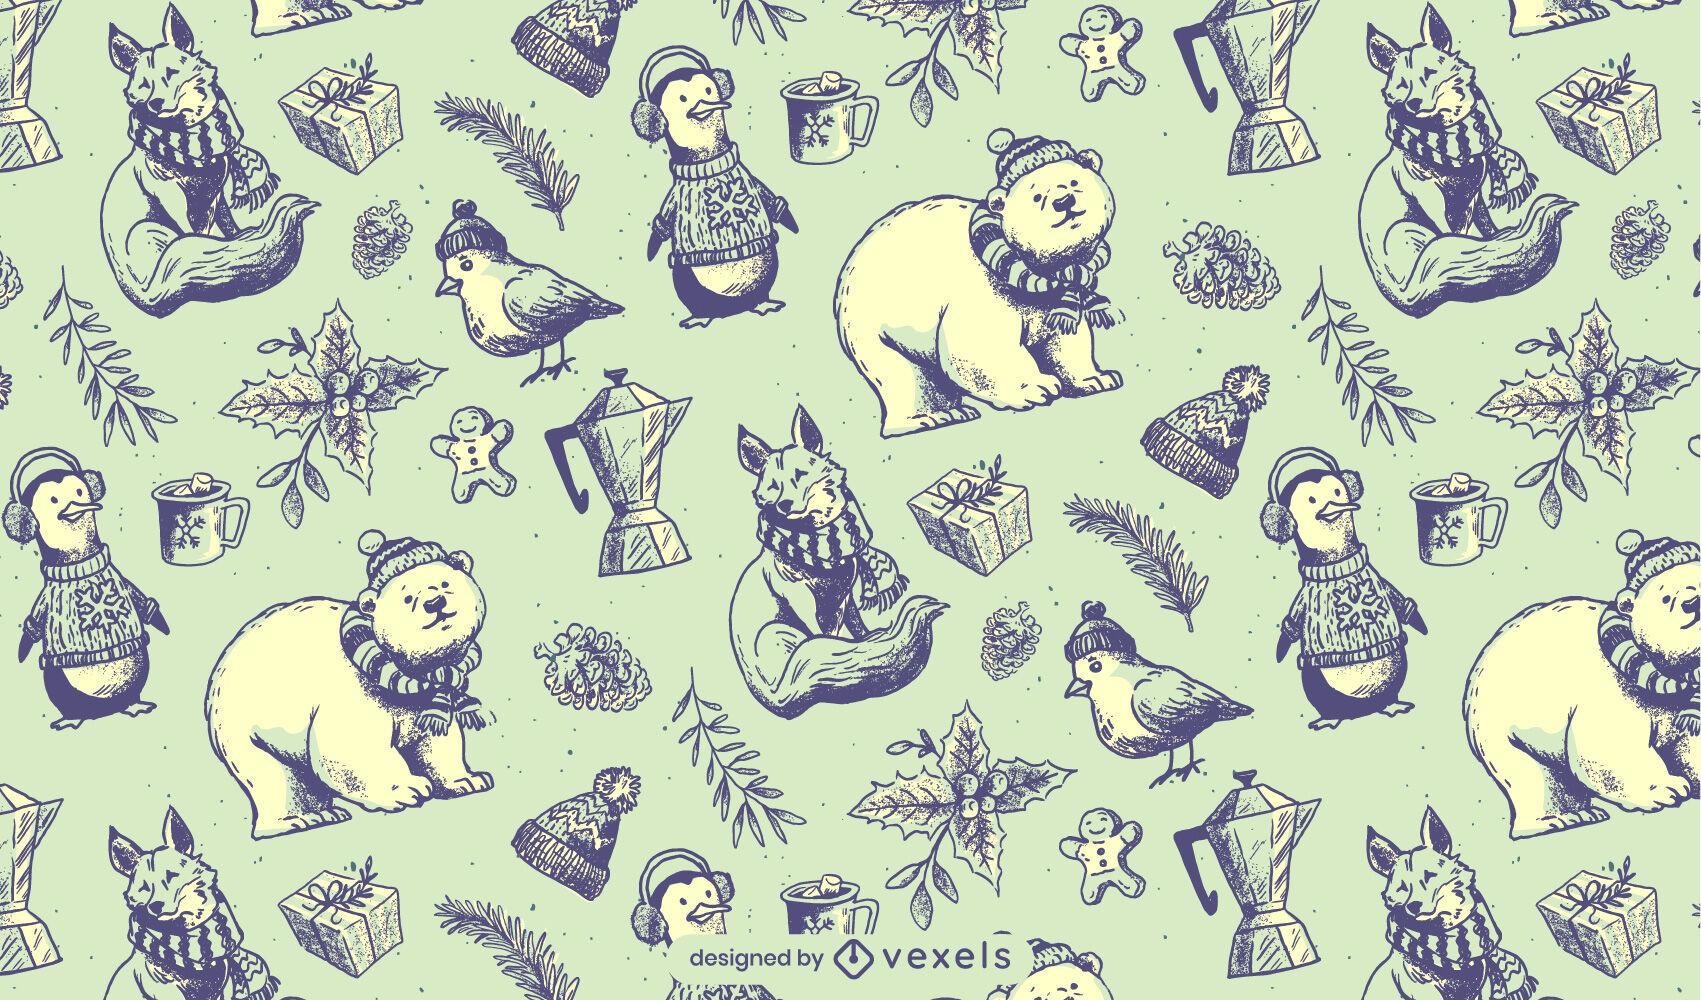 Diseño de patrón de animales salvajes de temporada de invierno